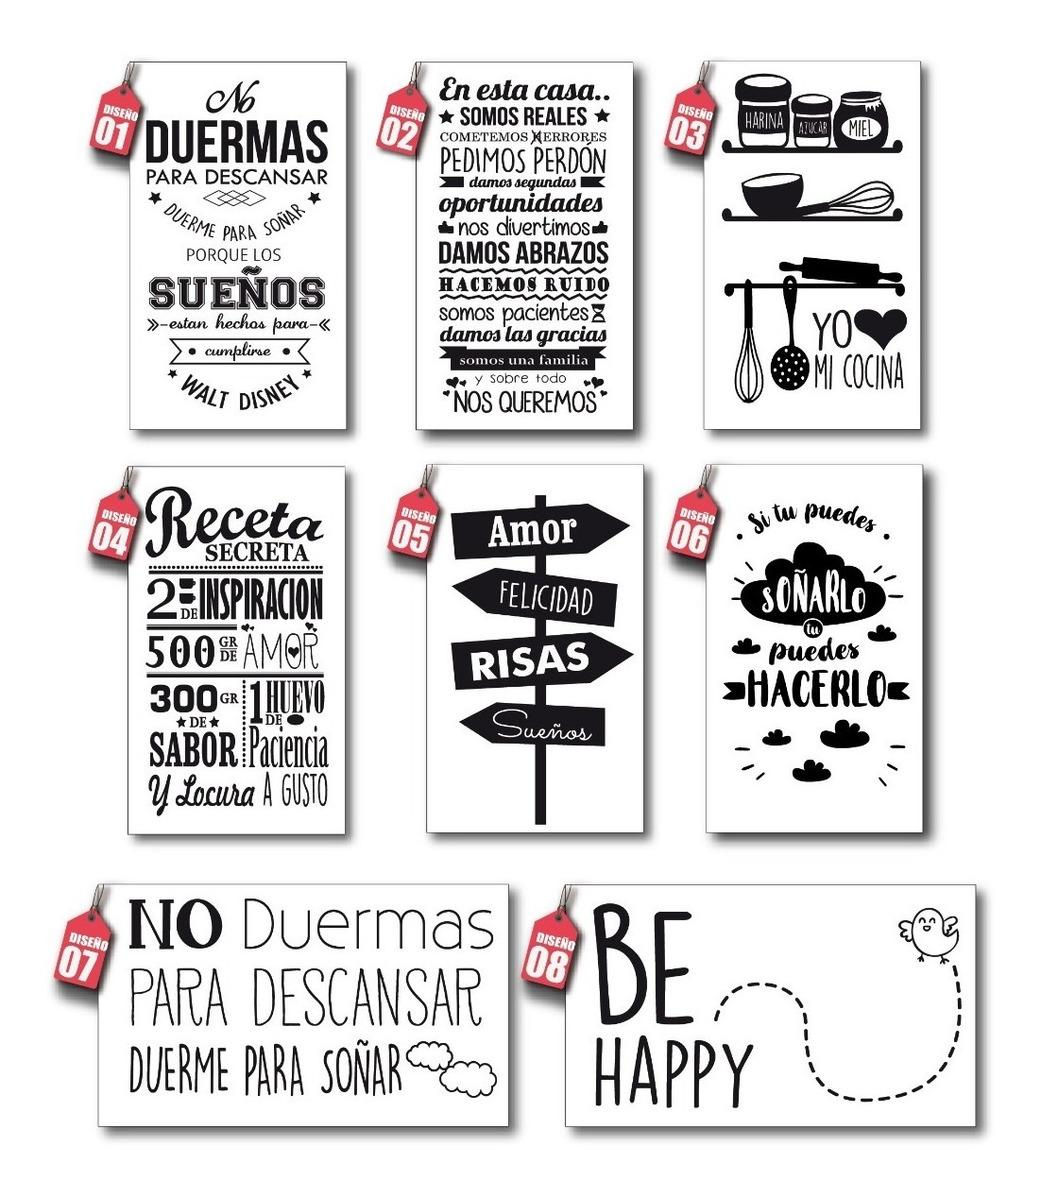 Vinilos Decorativos Be Happy Frases Puertas Pared